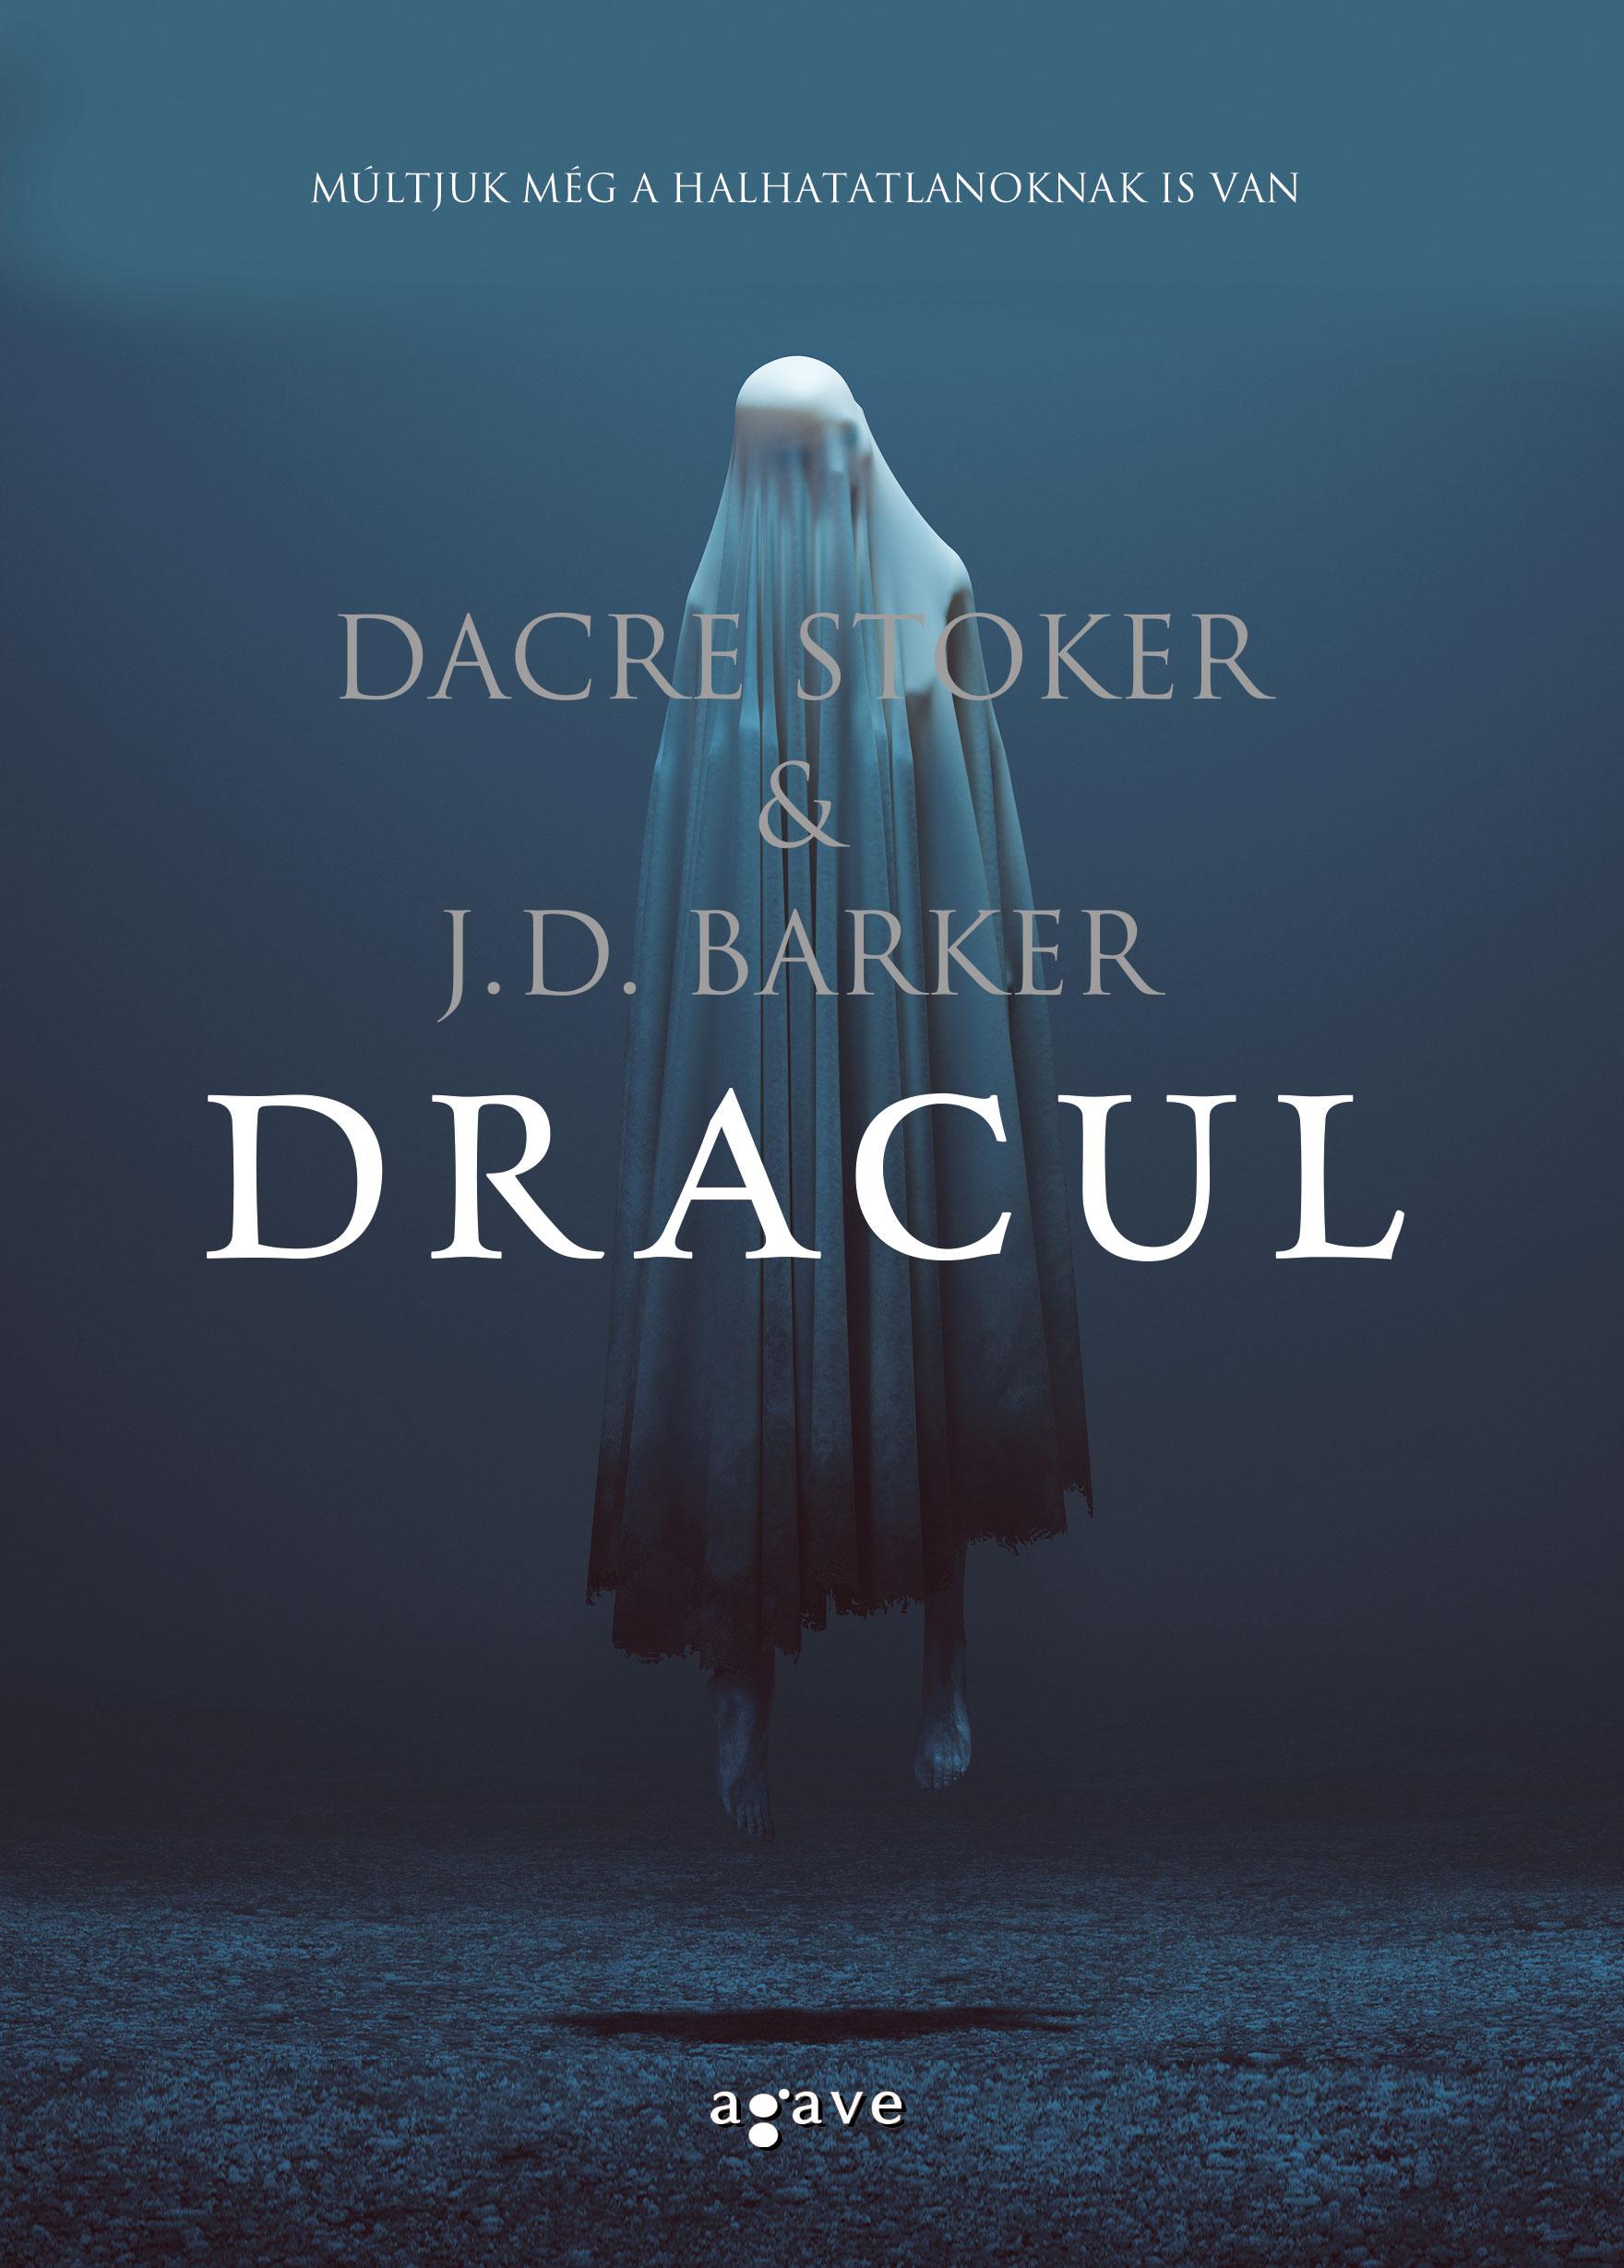 dacre_stoker_jd_barker_dracul_b1.jpg